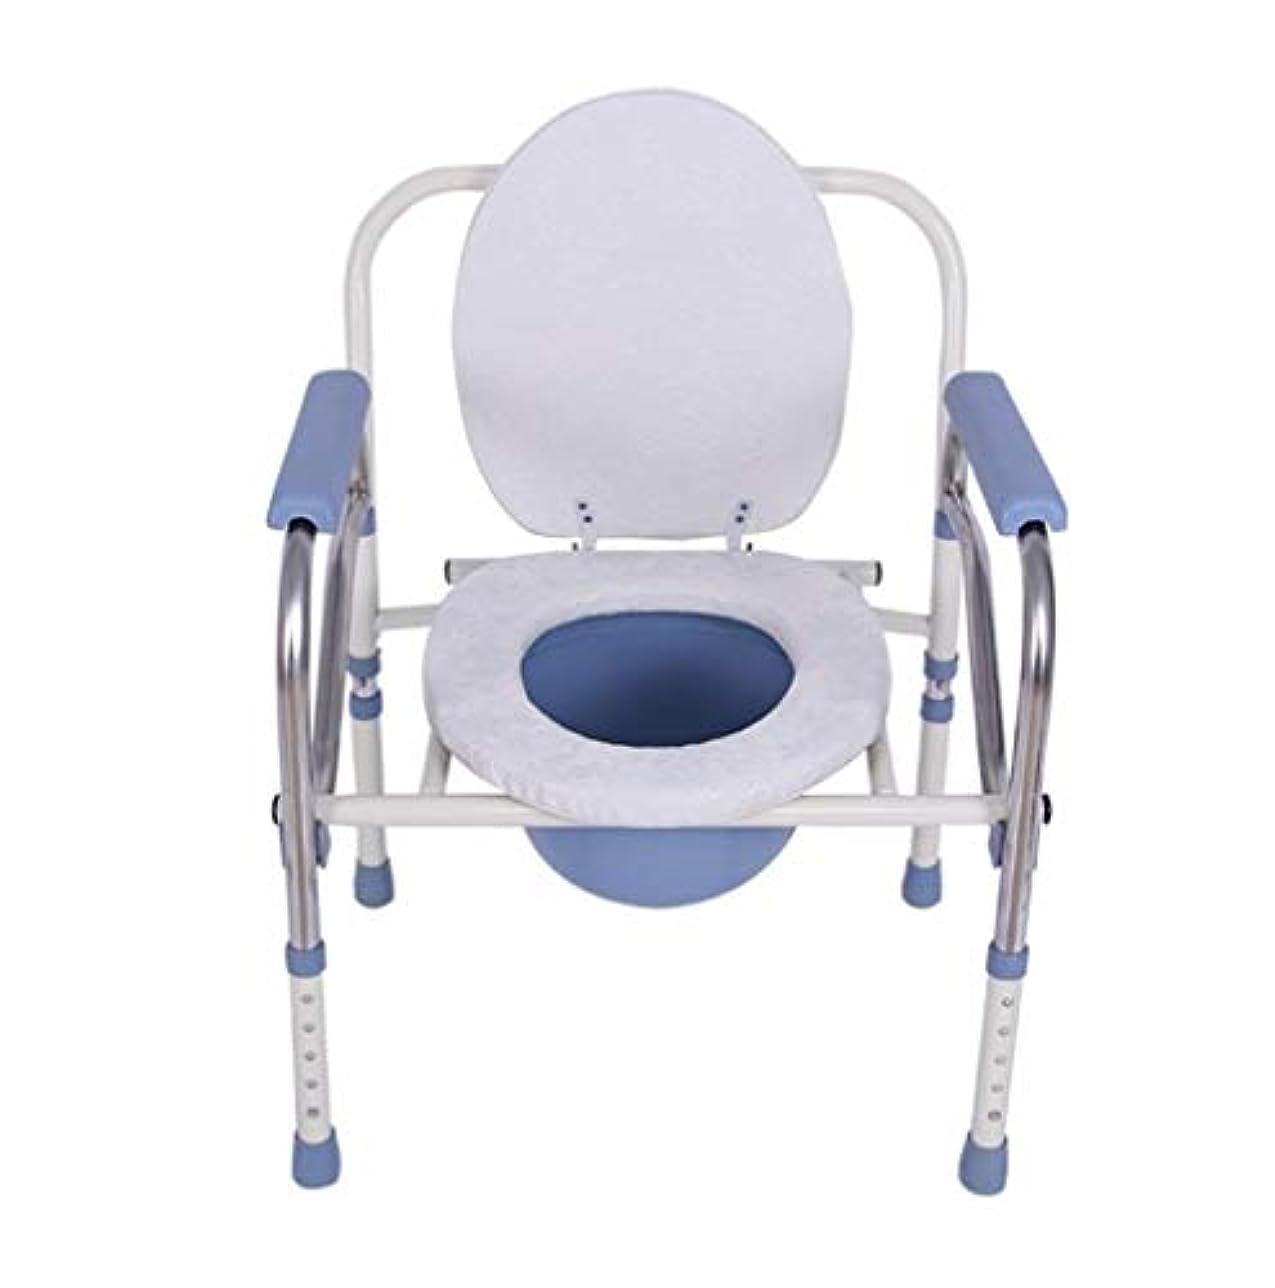 米国緊張する船上折りたたみ式ベッドサイドside椅子-ステンレススチール製トイレ付き便器バケツ付き高さ調節可能な妊婦用トイレスツール